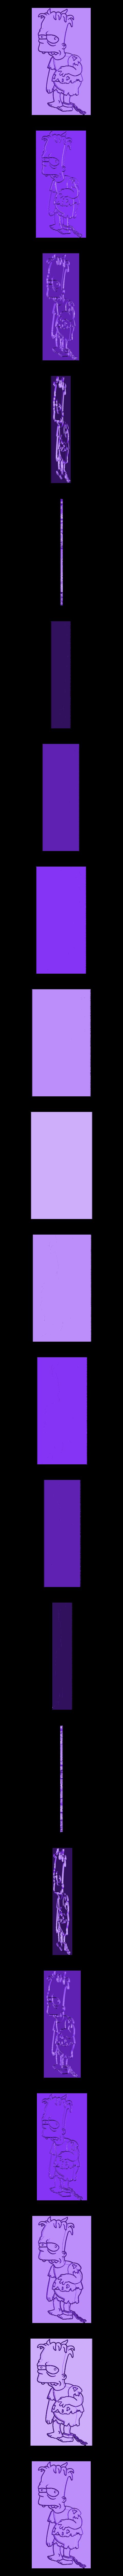 bart_hugo.stl Télécharger fichier STL gratuit lithophanie hugo simpson • Modèle pour imprimante 3D, 3dlito